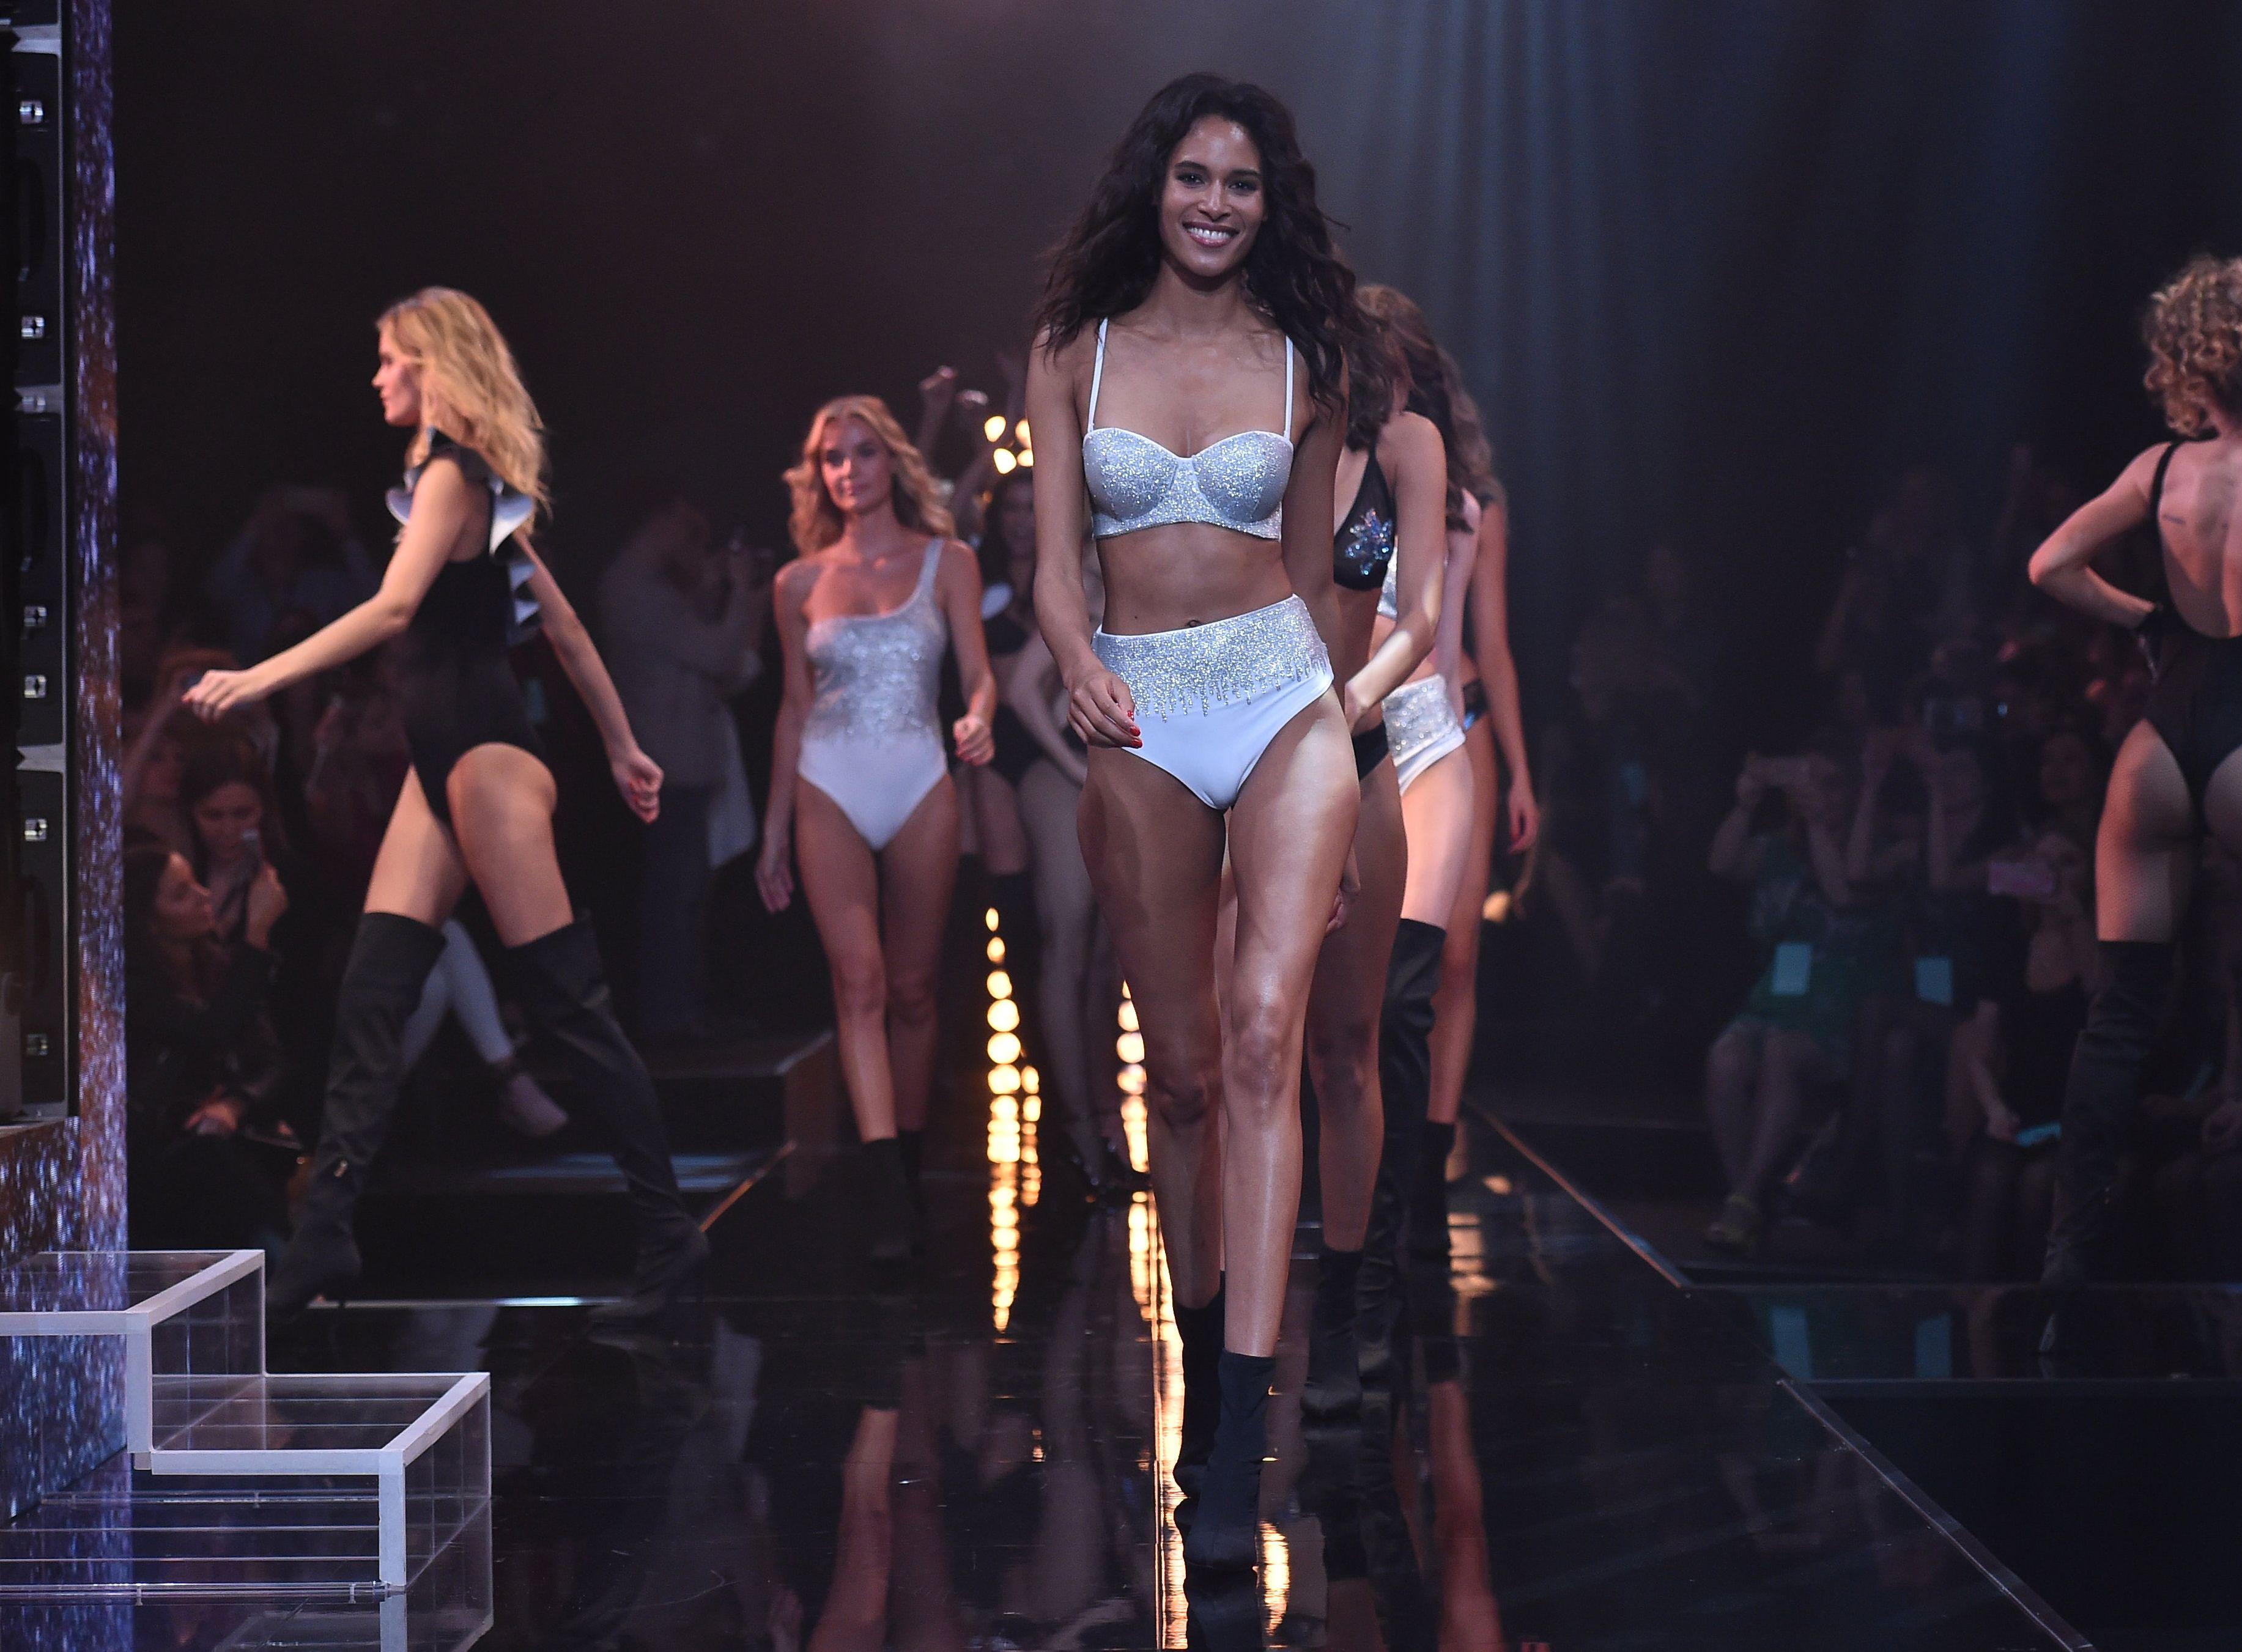 Costumi calzedonia estate i modelli interi e bikini a due